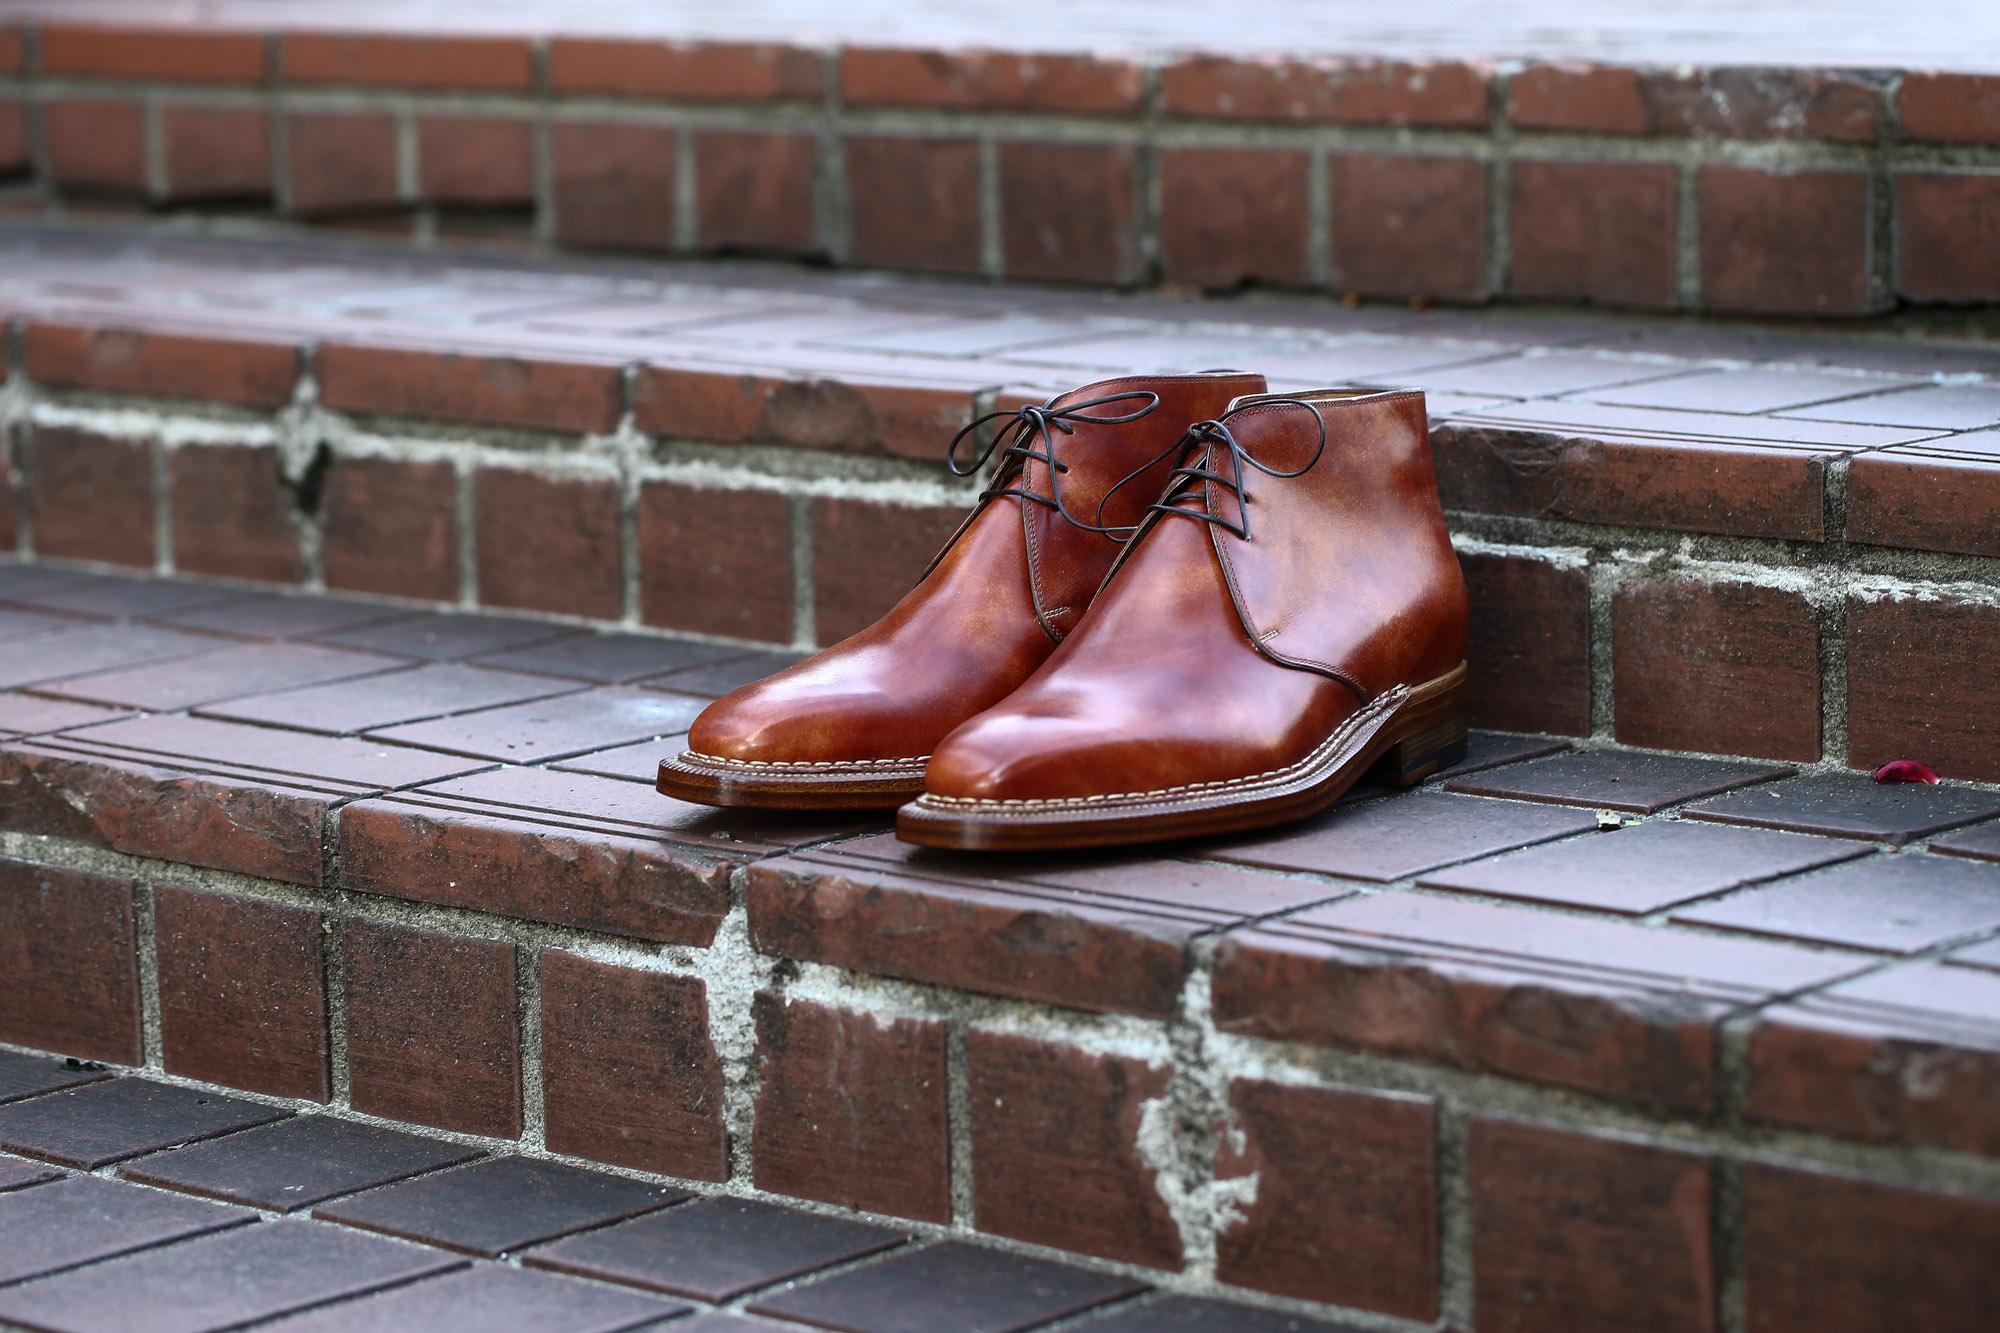 ENZO BONAFE (エンツォボナフェ) ART.3722 Chukka boots チャッカブーツ Bonaudo Museum Calf Leather ボナウド社 ミュージアムカーフレザー ノルベジェーゼ製法 レザーソール チャッカブーツ NEW GOLD (ニューゴールド) made in Italy(イタリア製) 2017 春夏新作 愛知 名古屋 Alto e Diritto アルト エ デリット エンツォボナフェ ボナフェ ベネチアンクリーム JOHN LOBB ジョンロブ CHURCH'S チャーチ JOSEPH CHEANEY ジョセフチーニー CORTHAY コルテ ALFRED SARGENT アルフレッドサージェント CROCKETT&JONES クロケットジョーンズ F.LLI GIACOMETTI フラテッリジャコメッティ ENZO BONAFE エンツォボナフェ BETTANIN&VENTURI ベッタニンヴェントゥーリ JALAN SRIWIJAYA ジャランスリウァヤ J.W.WESTON ジェイエムウエストン SANTONI サントーニ SERGIO ROSSI セルジオロッシ CARMINA カルミナ